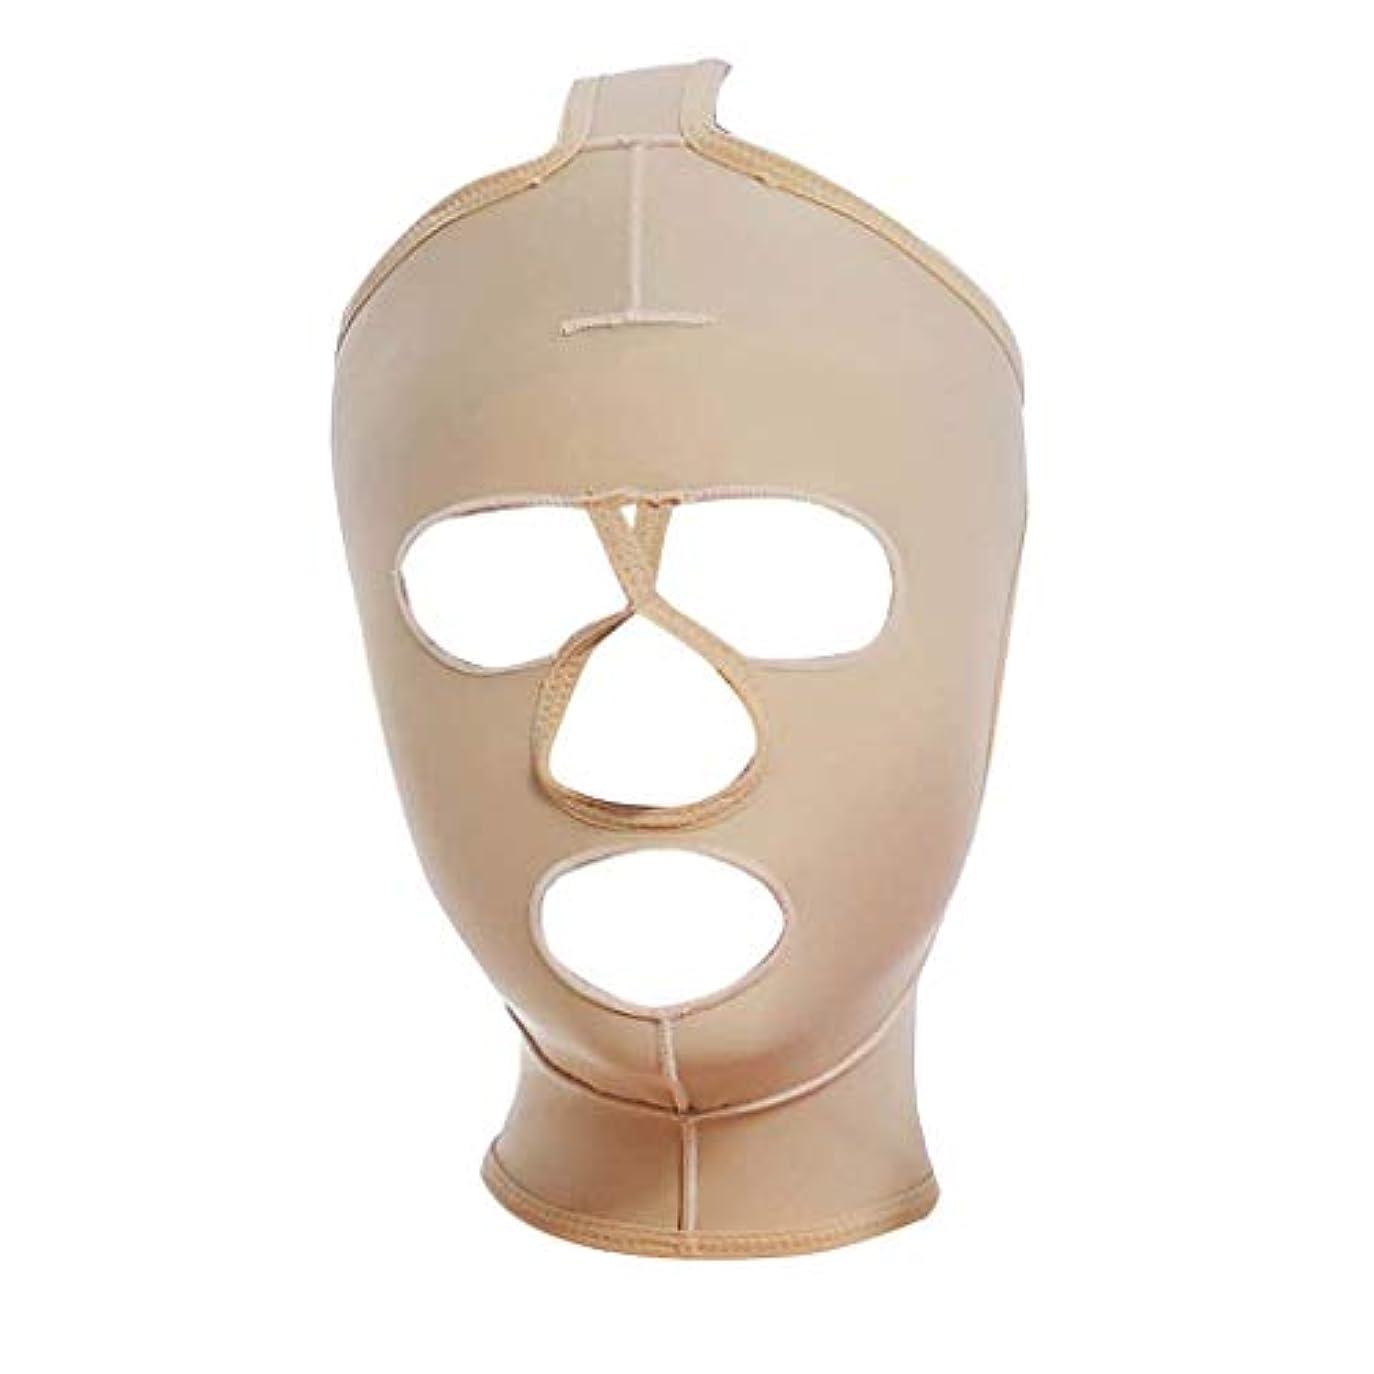 処方推進力人間フェイス&ネックリフト、減量フェイスマスク脂肪吸引術脂肪吸引術整形マスクフードフェイスリフティングアーティファクトVフェイスビームフェイス弾性スリーブ(サイズ:XXL),L